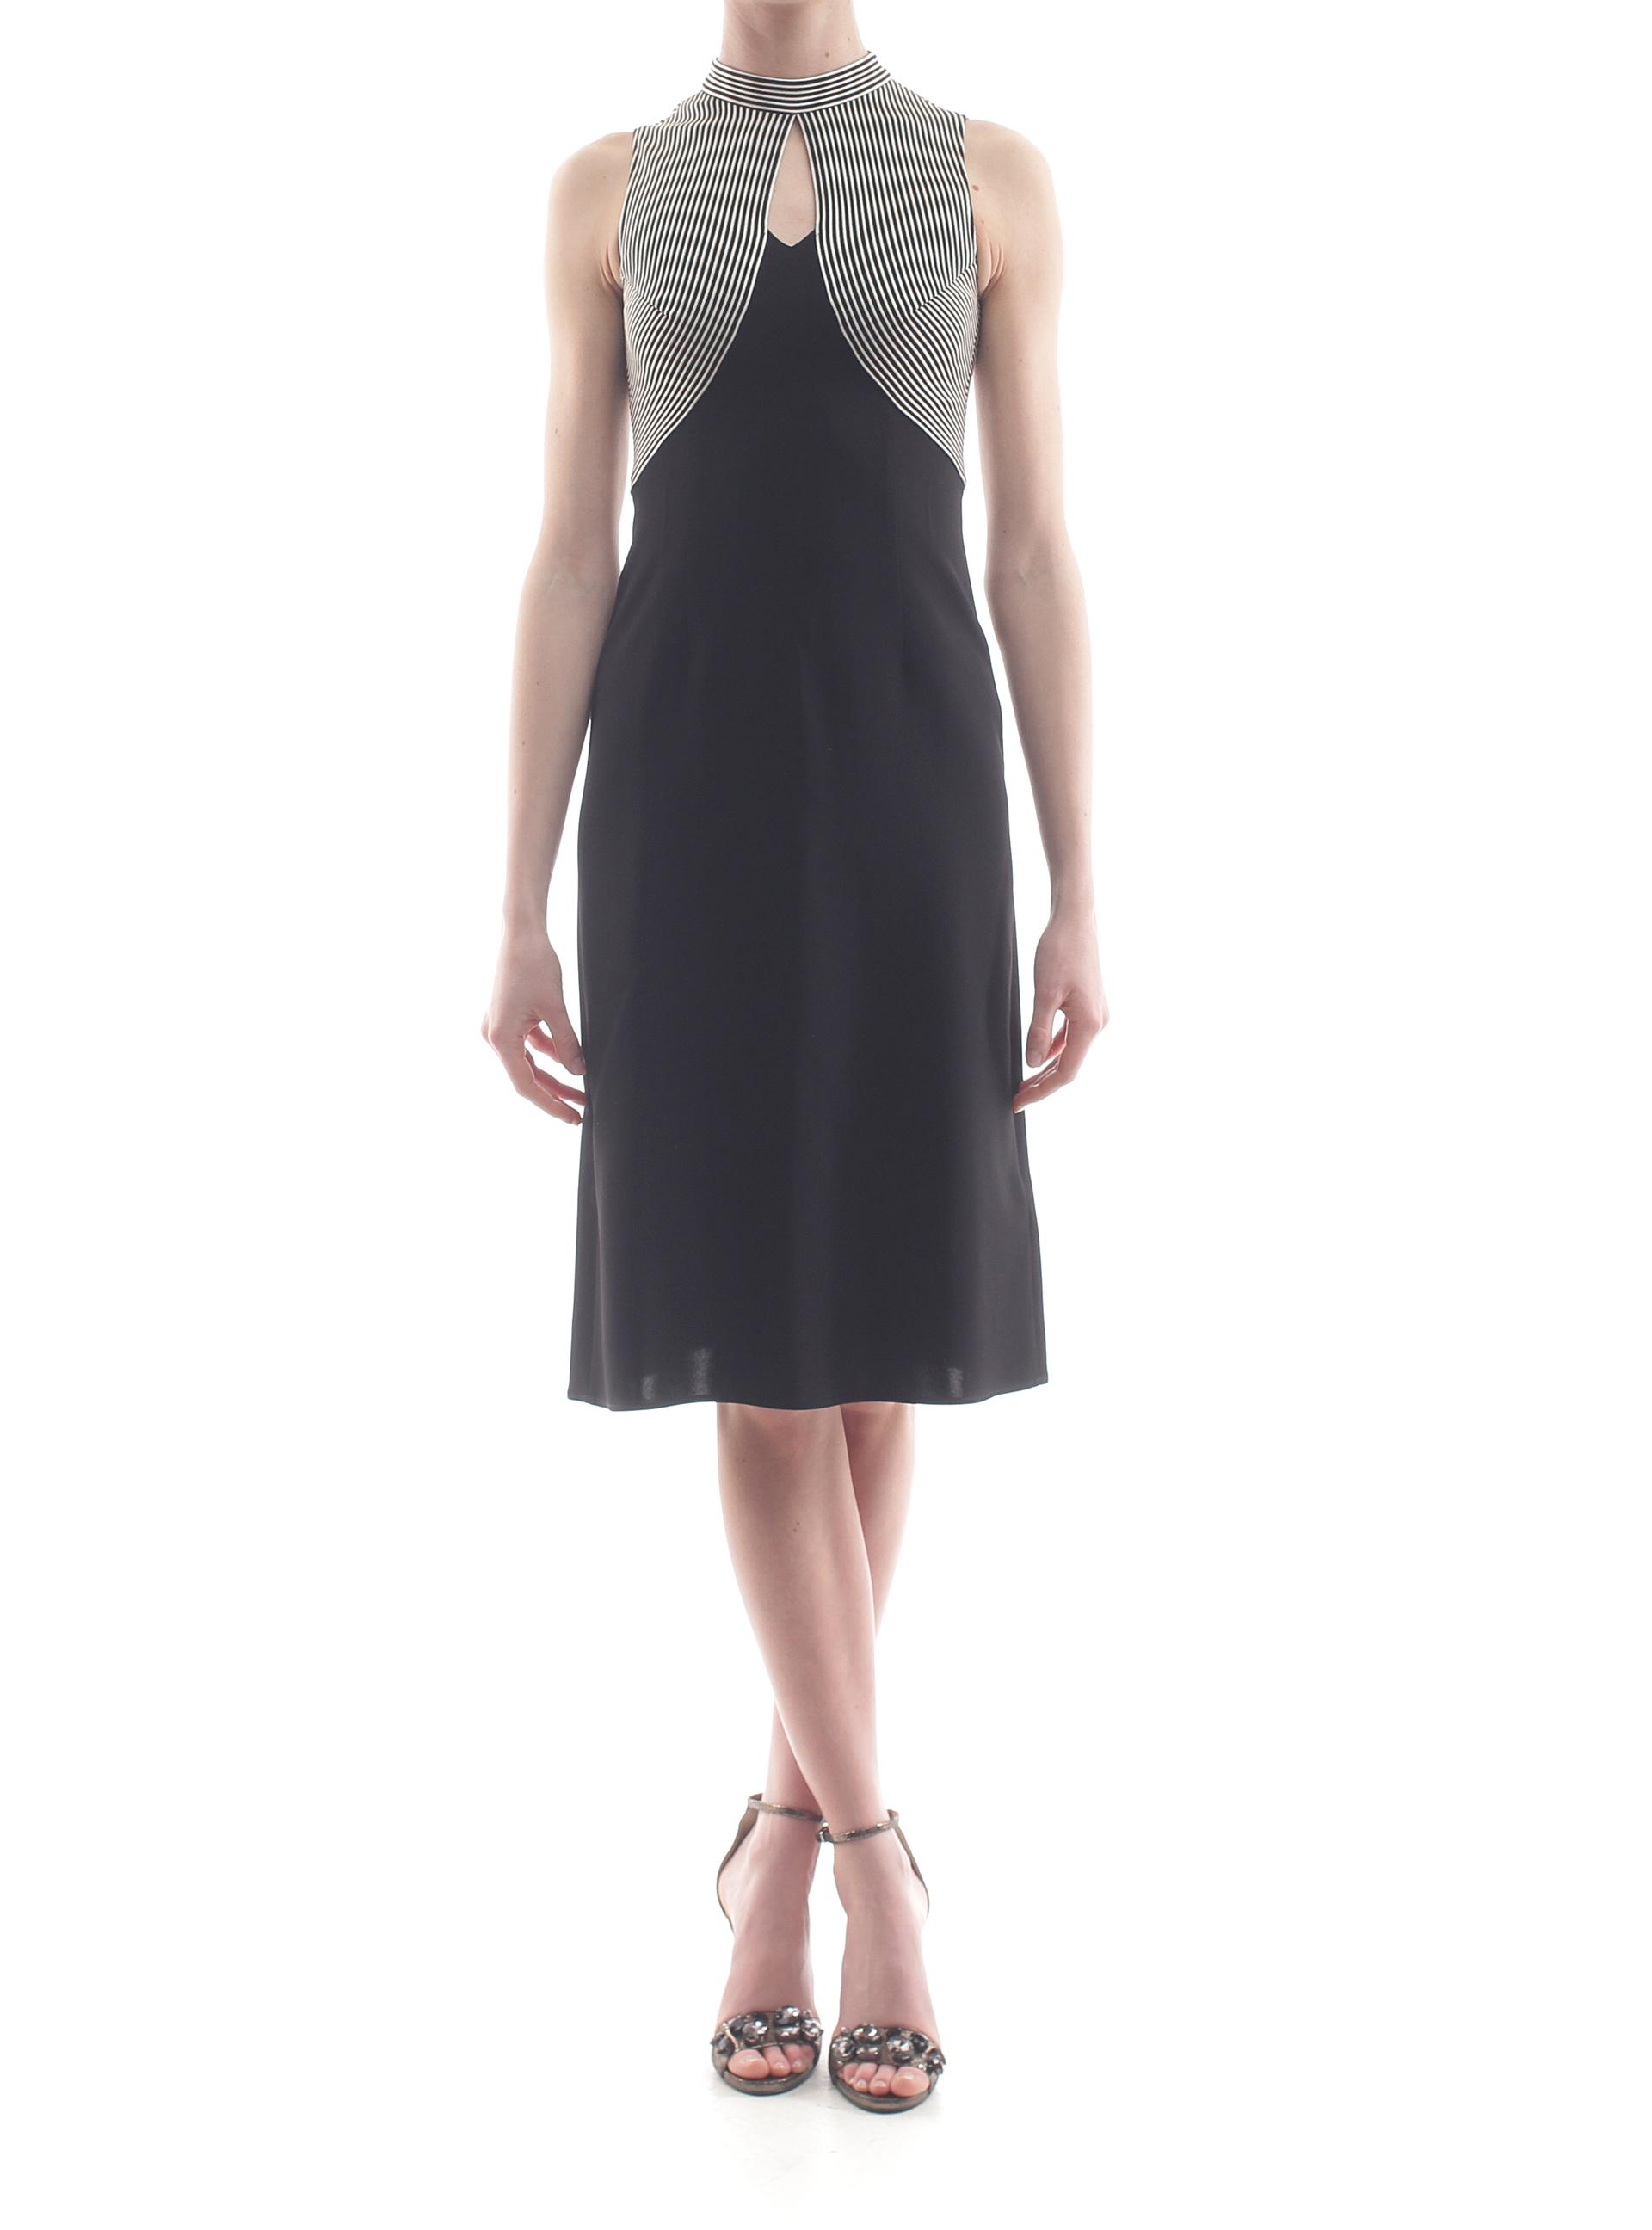 Pennyblack abito bianco e nero